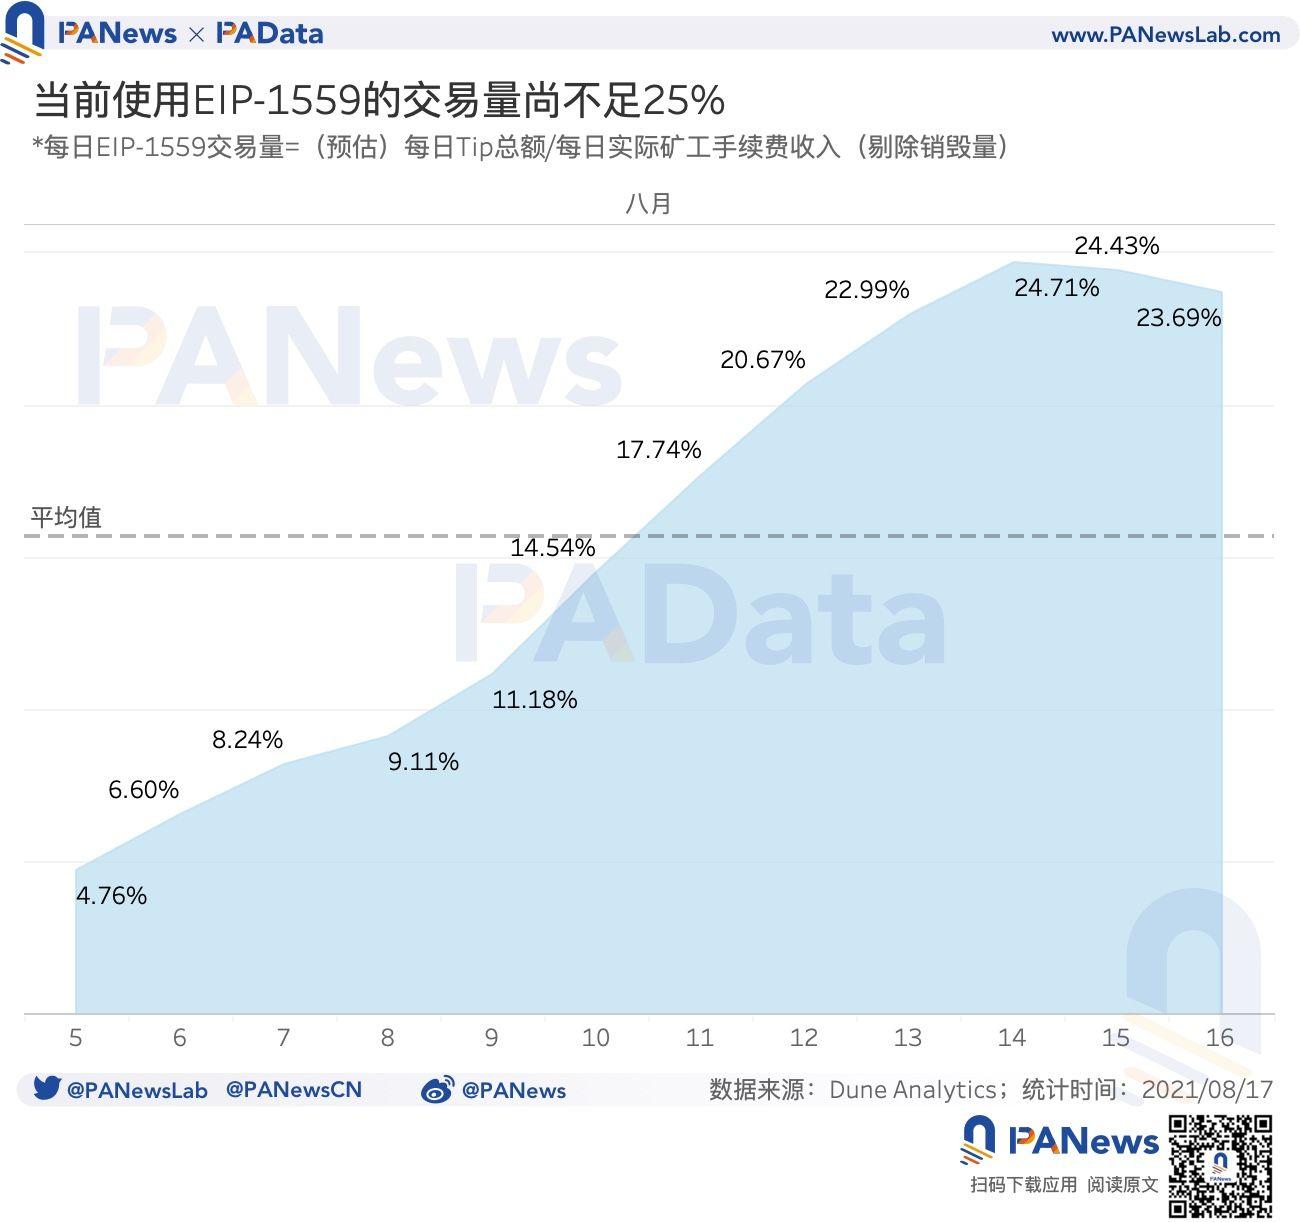 數據驗證EIP-1559的三大預期:應用率不足25%,礦工收入下降23%